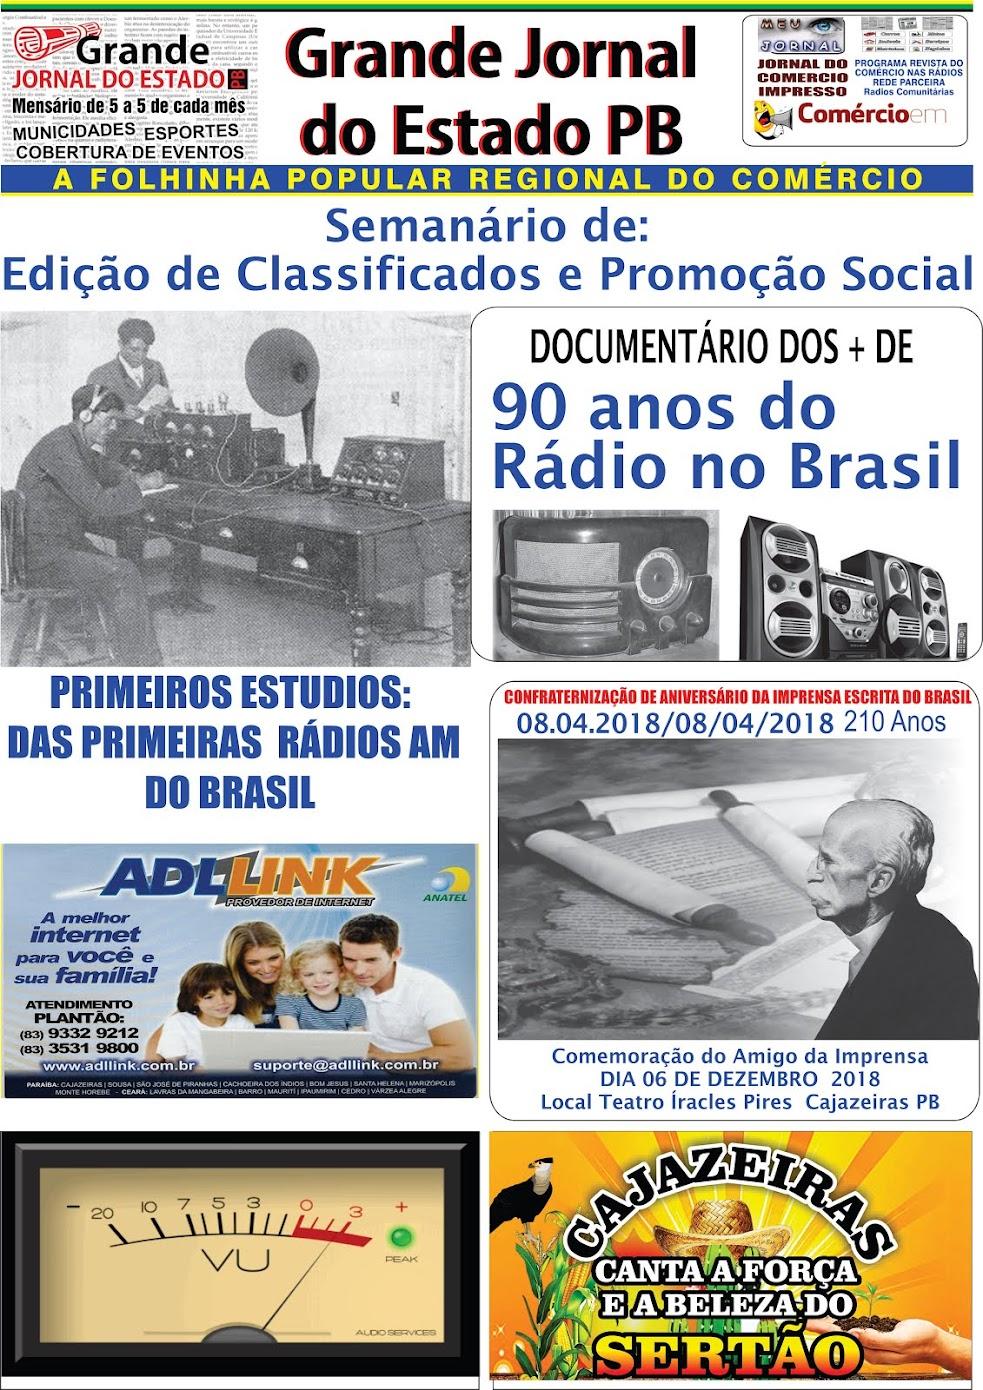 4de66629f02c2 BLOG GRANDE JORNAL DO ESTADO PB  GRANDE JORNAL DO ESTADO NA REGIAO ...